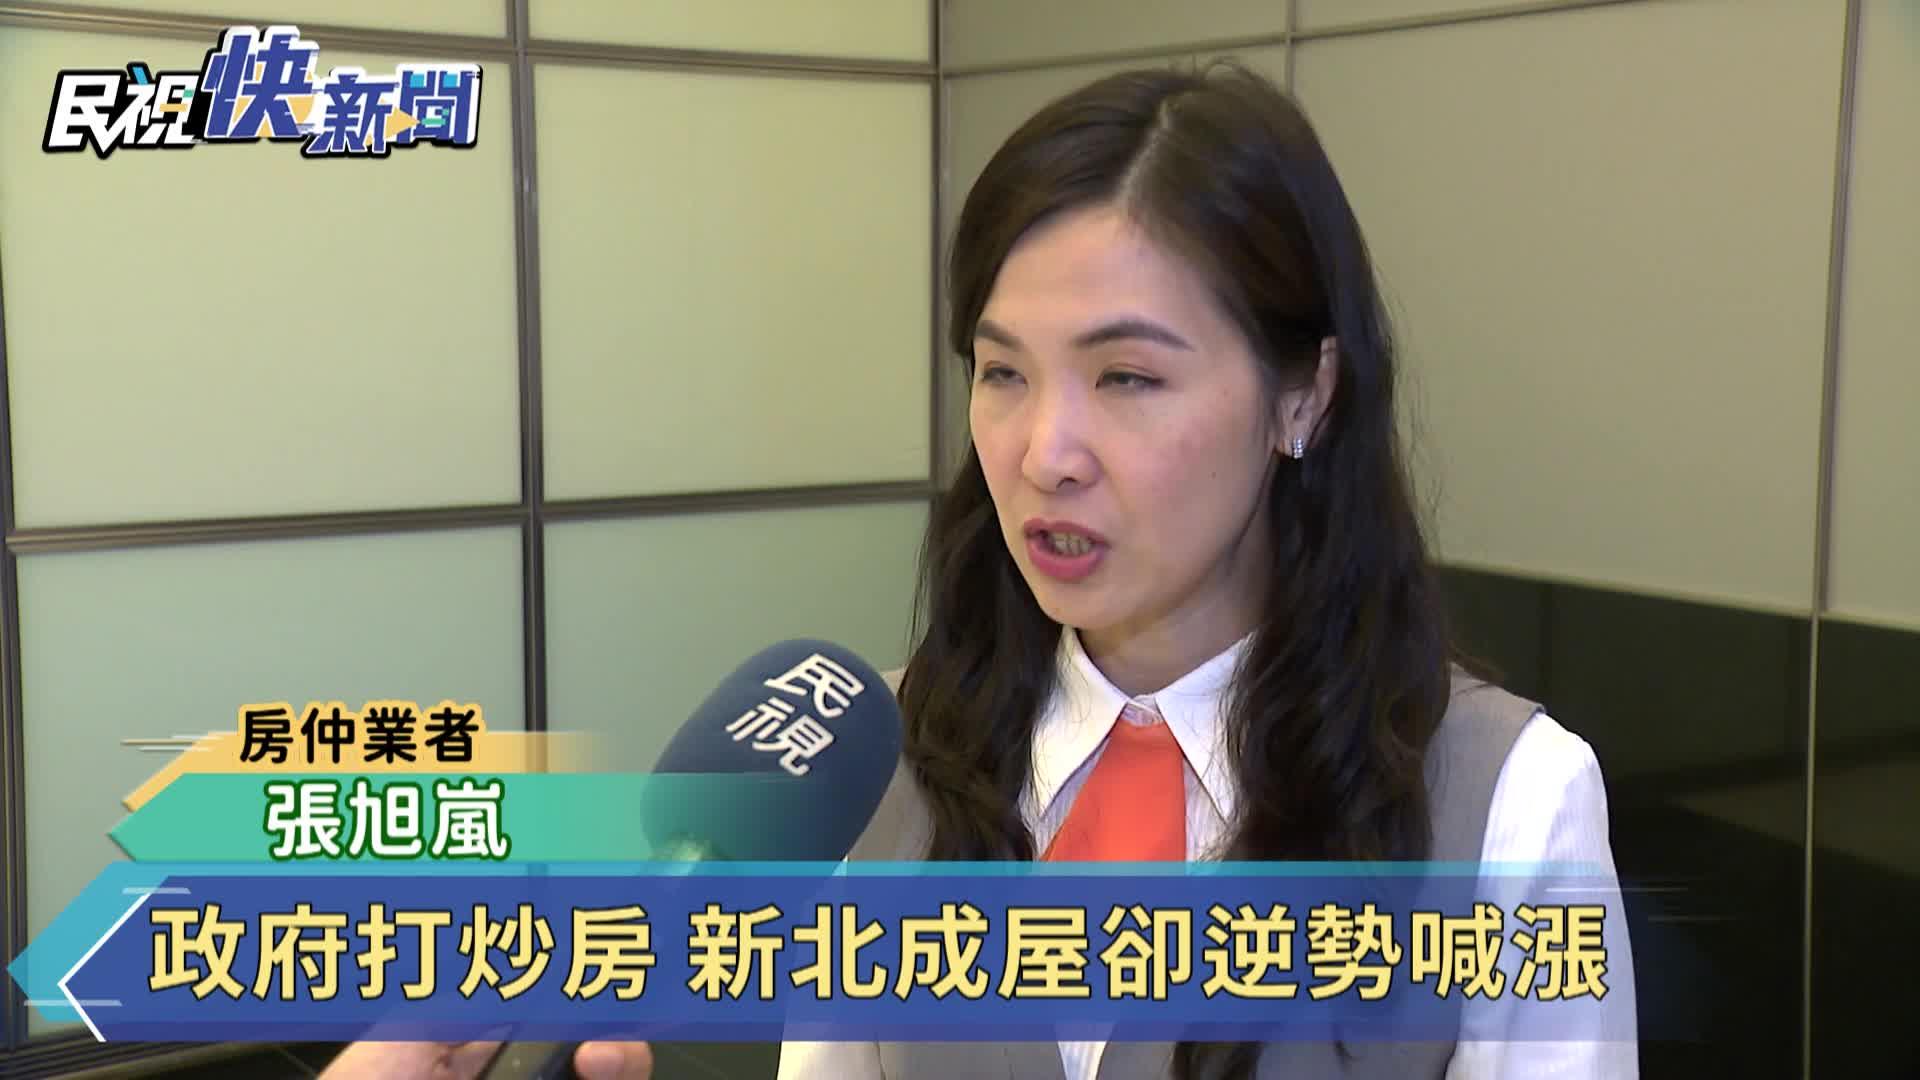 政府打炒房 新北成屋案逆勢喊漲